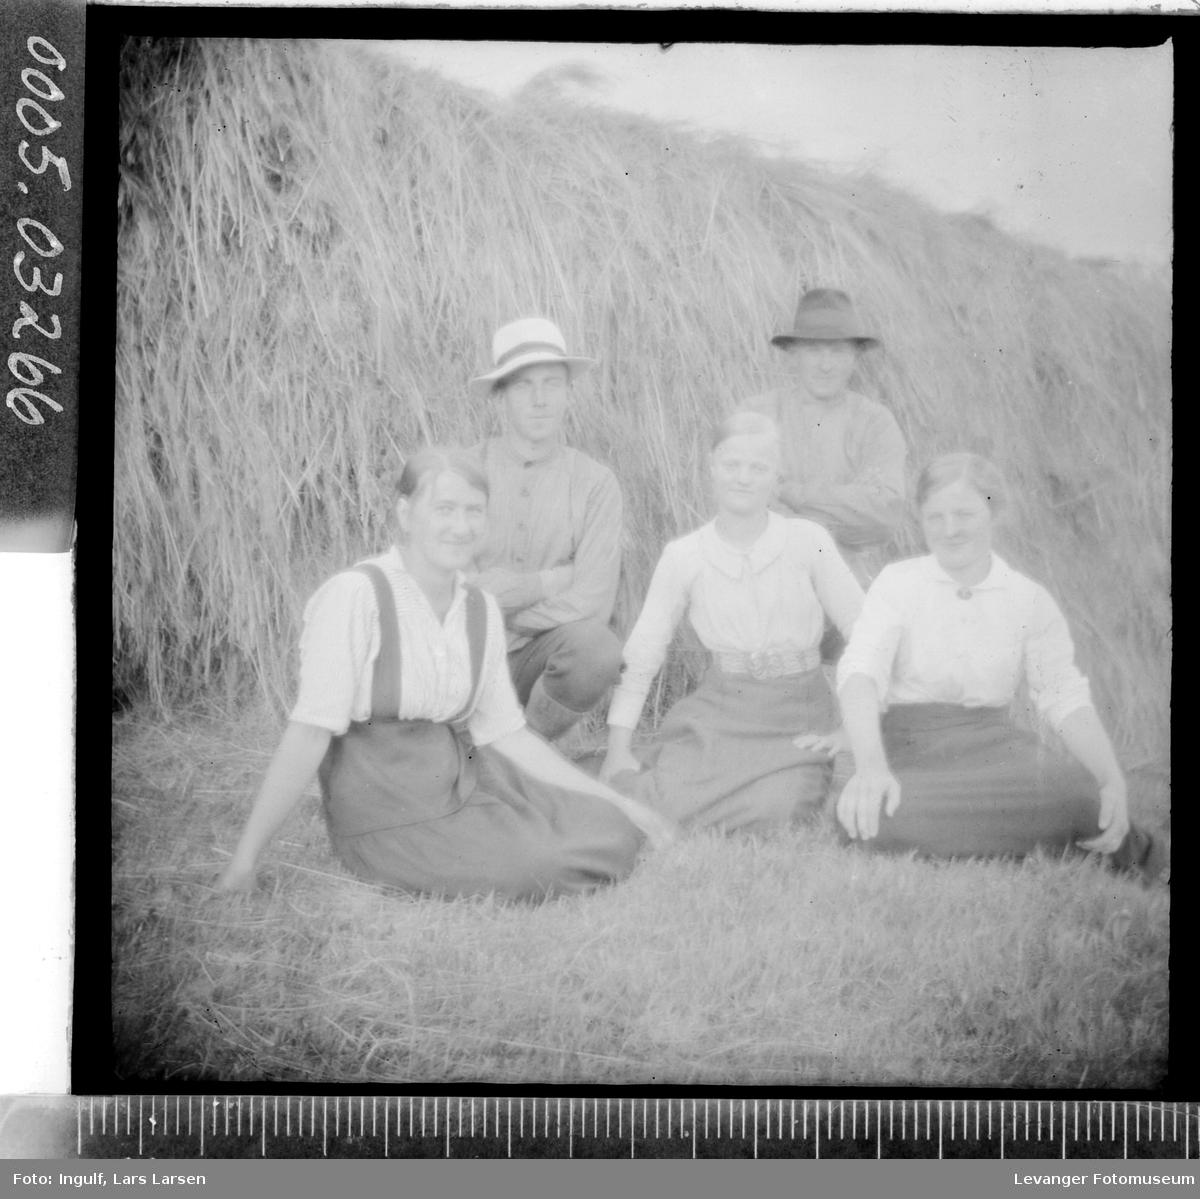 Gruppebilde av tre kvinner og to menn ved en hesjestaur.